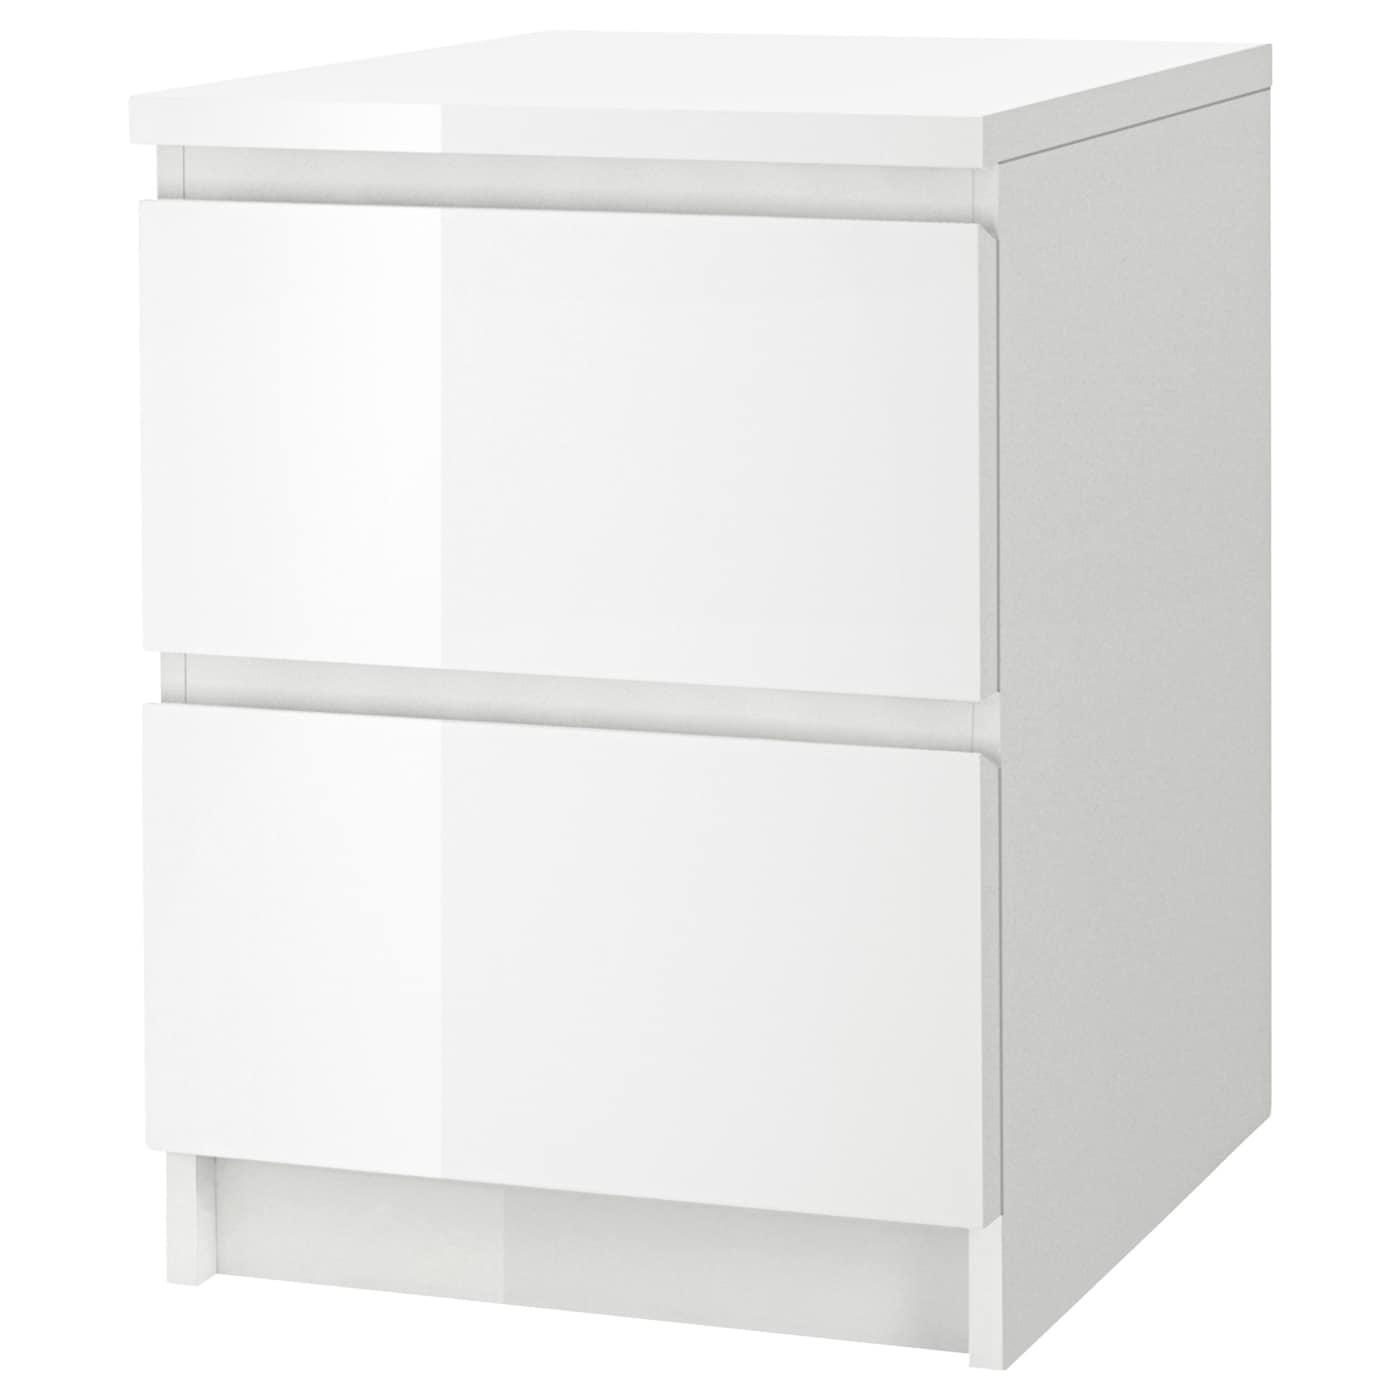 IKEA MALM biała komoda z dwiema szufladami o wysokim połysku, 40x55 cm